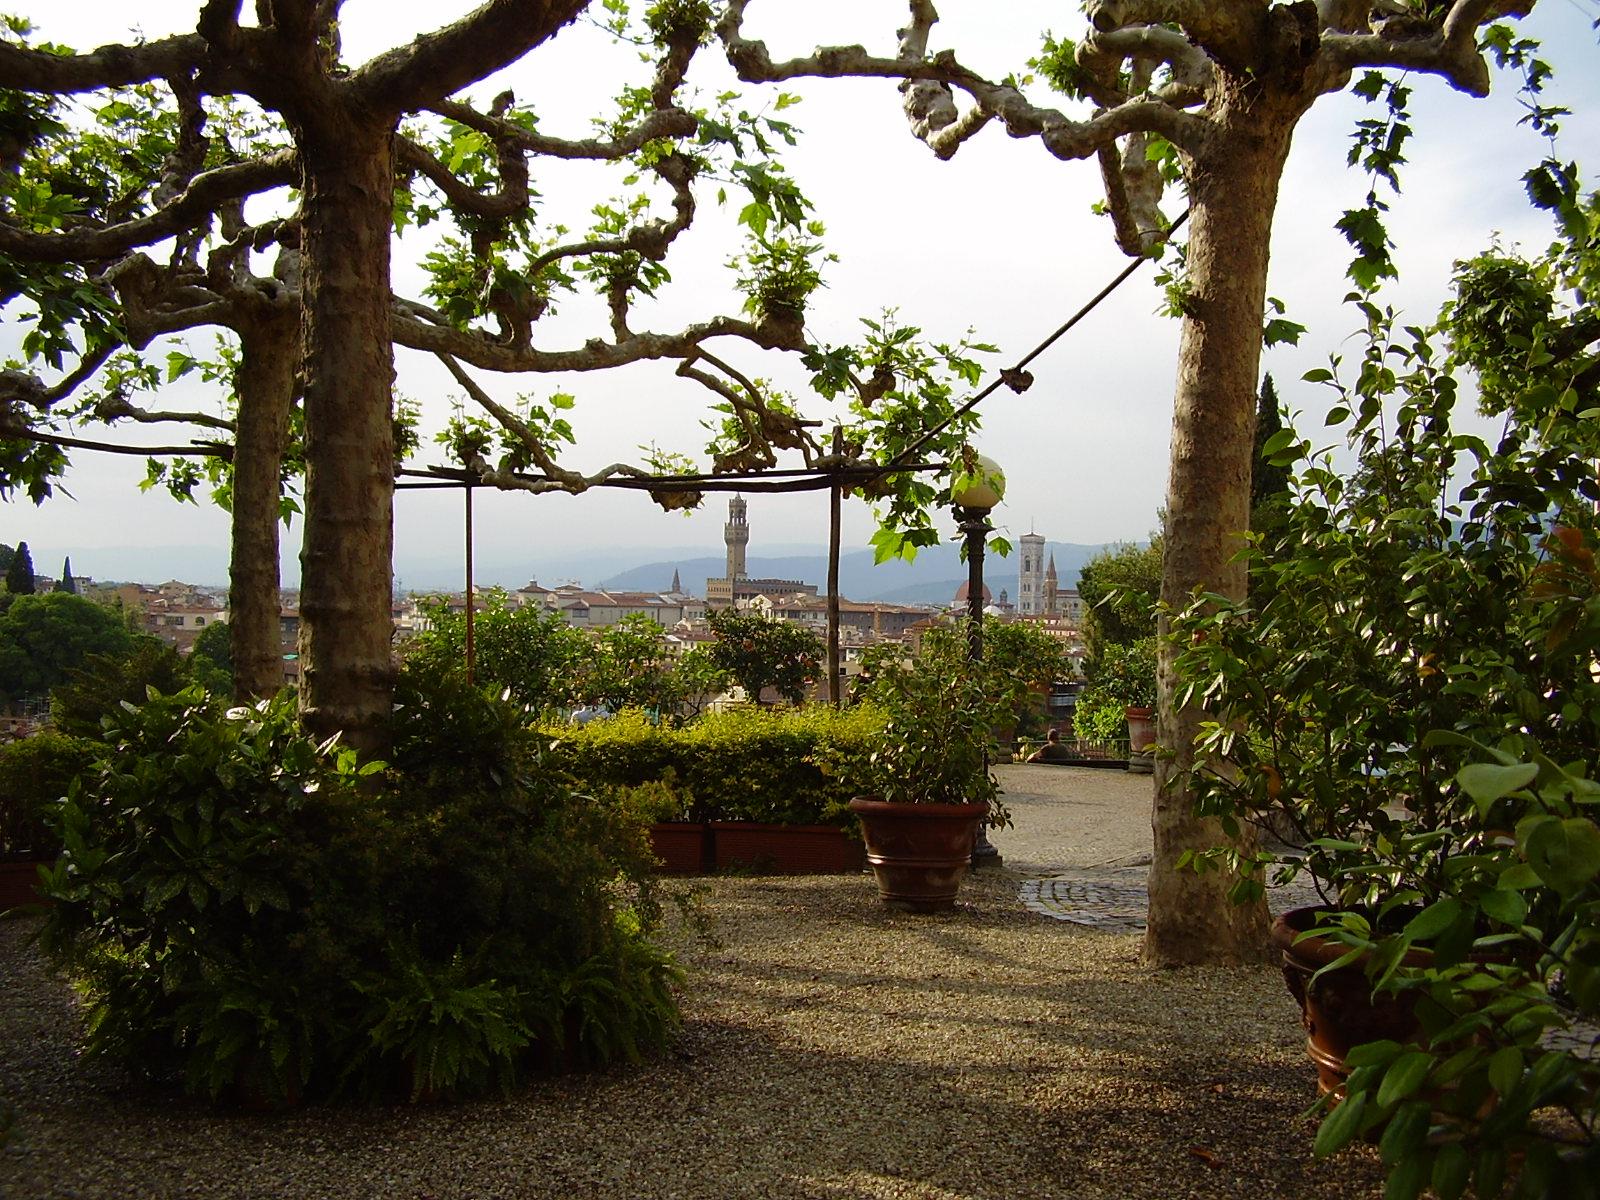 Giardino delle rose 4.JPG